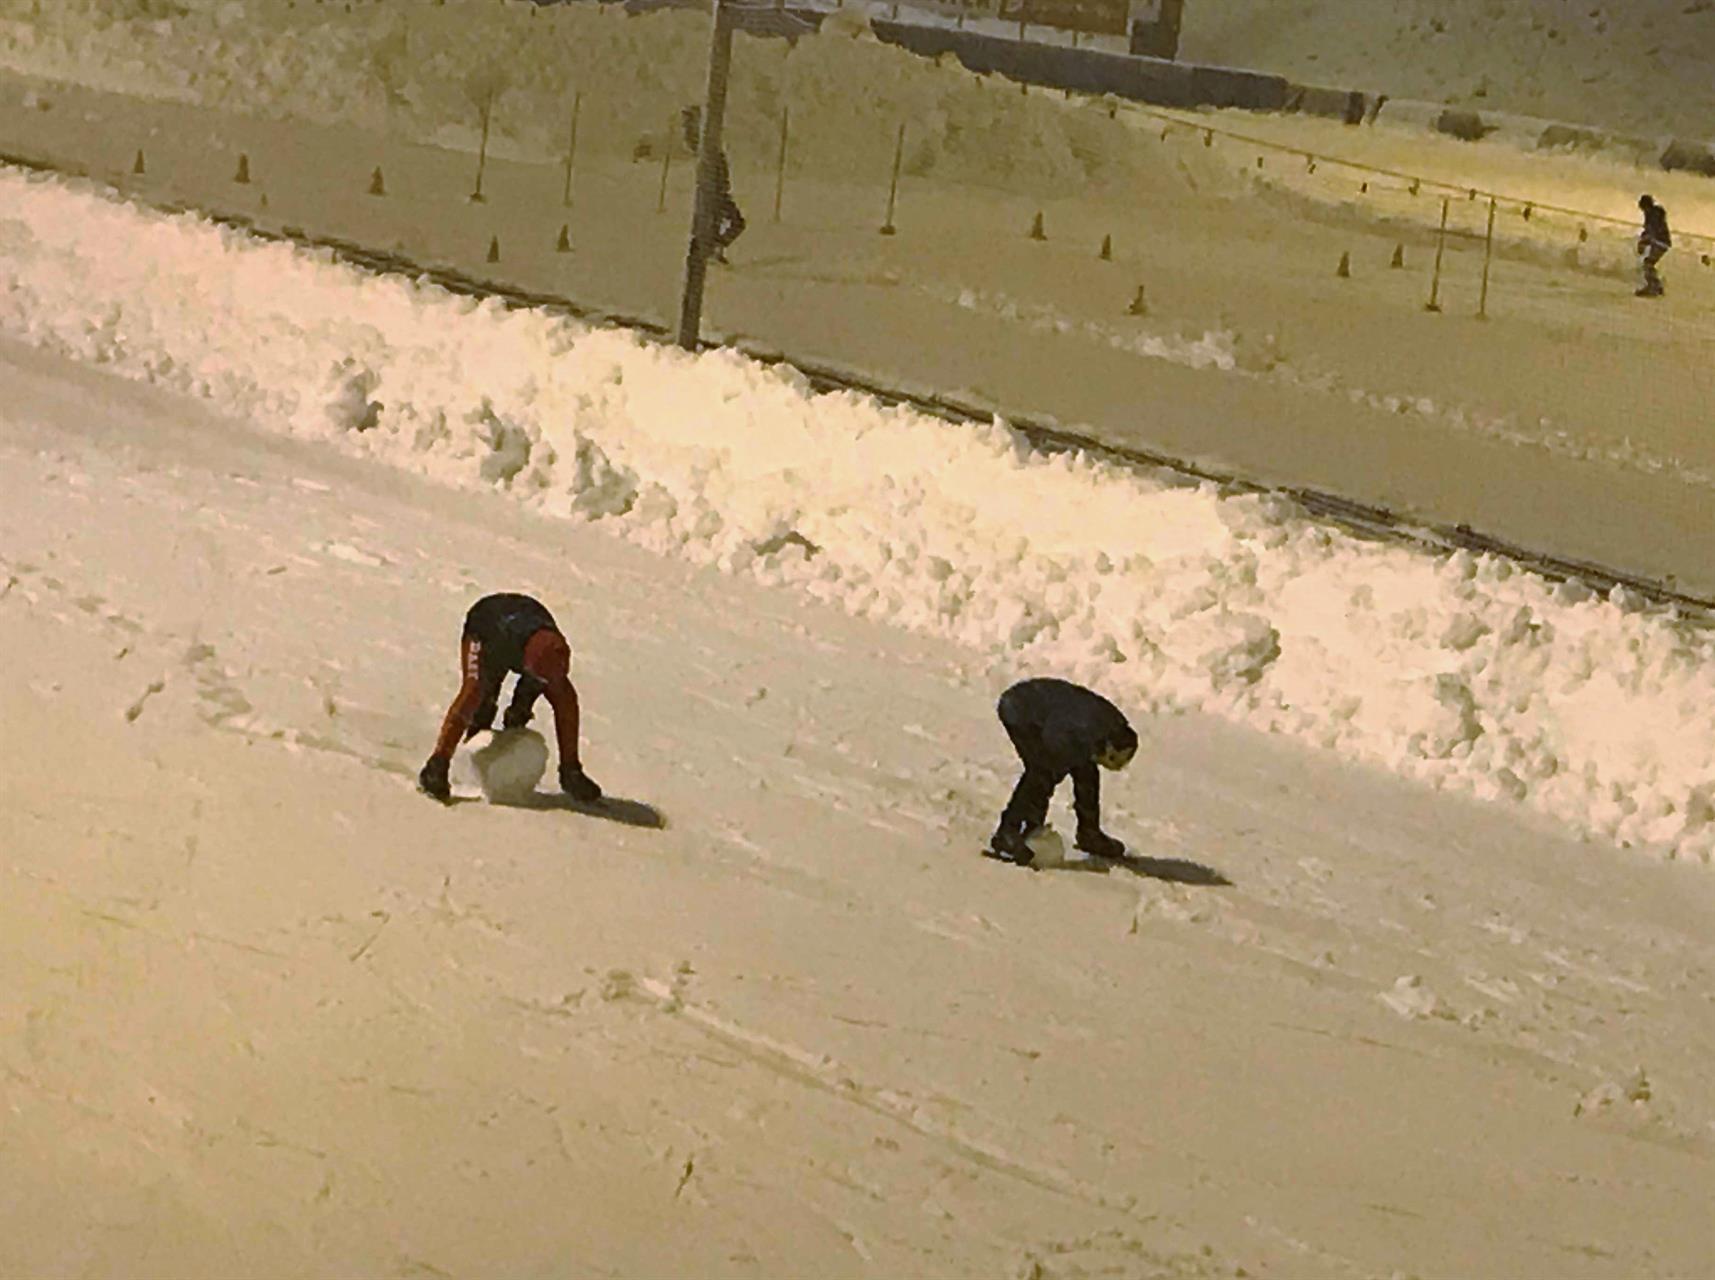 Ny øvelse: Skøyteløp m/ innlagt snøballrulling?